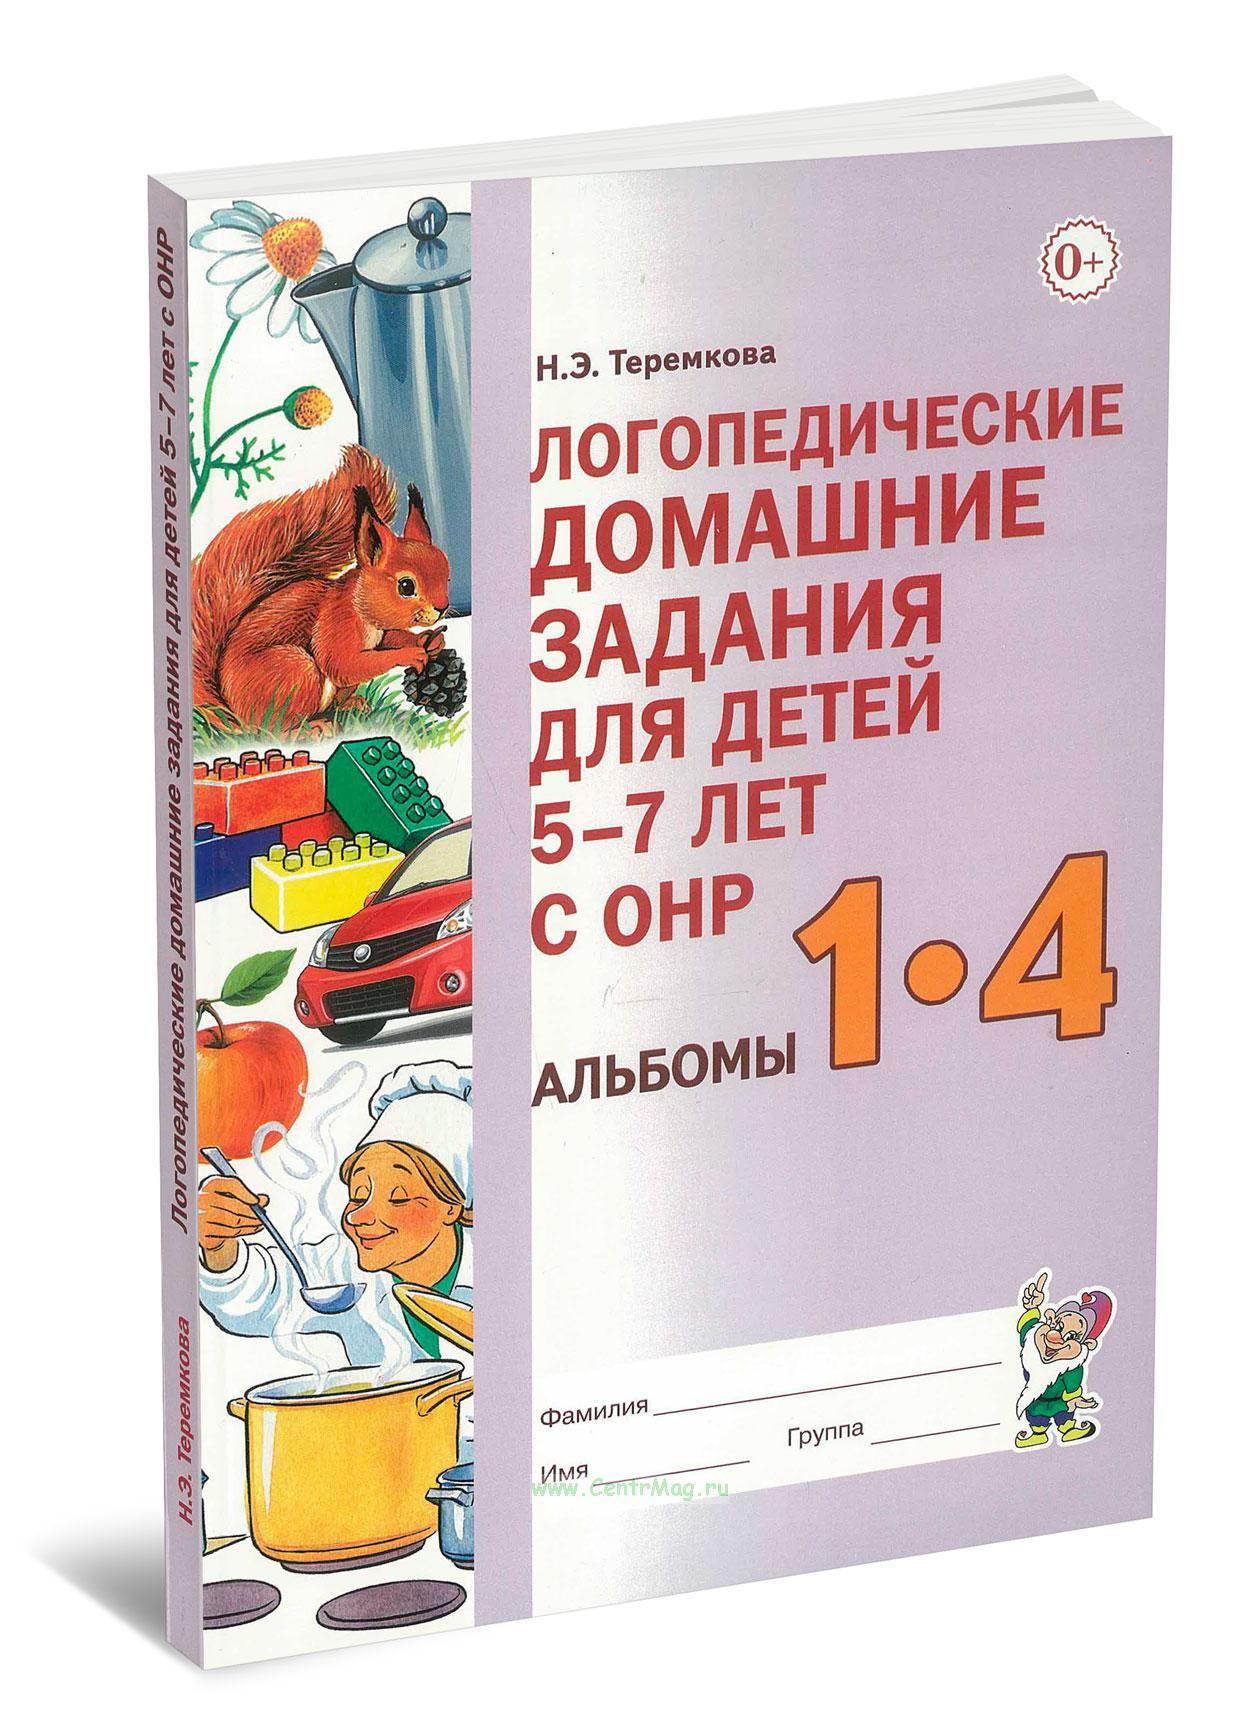 Логопедические домашние задания для детей 5-7 лет с ОНР альбом 1-4